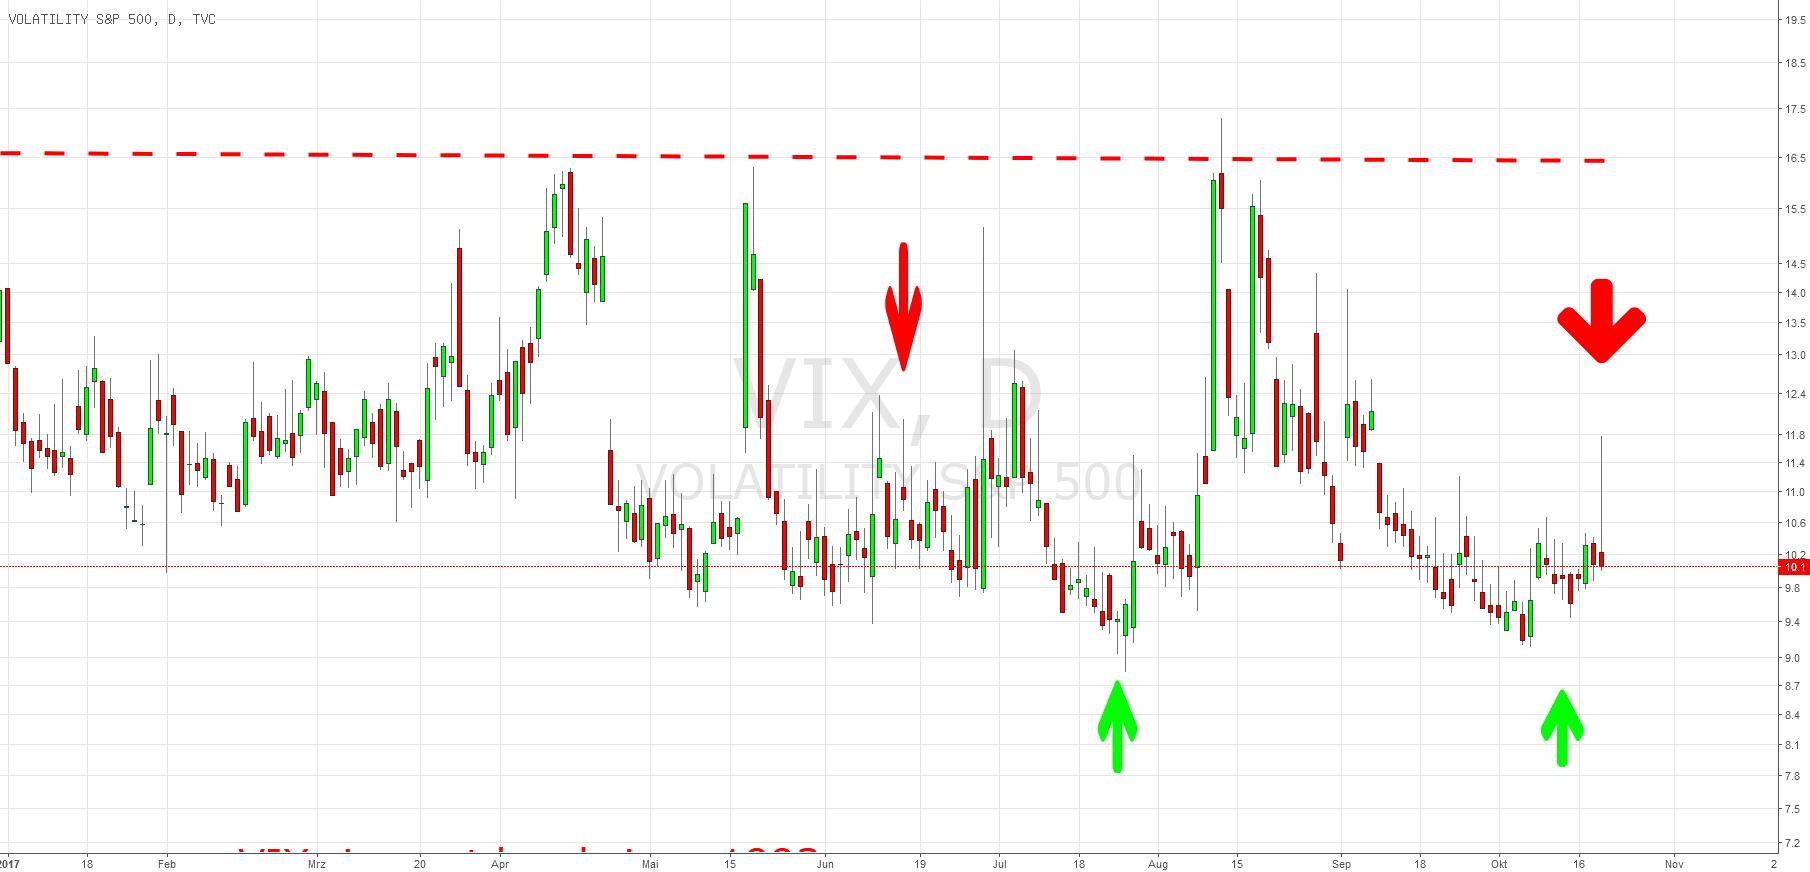 VIX: Sell Signal vice versa Kaufsignal für die Aktienmärkte